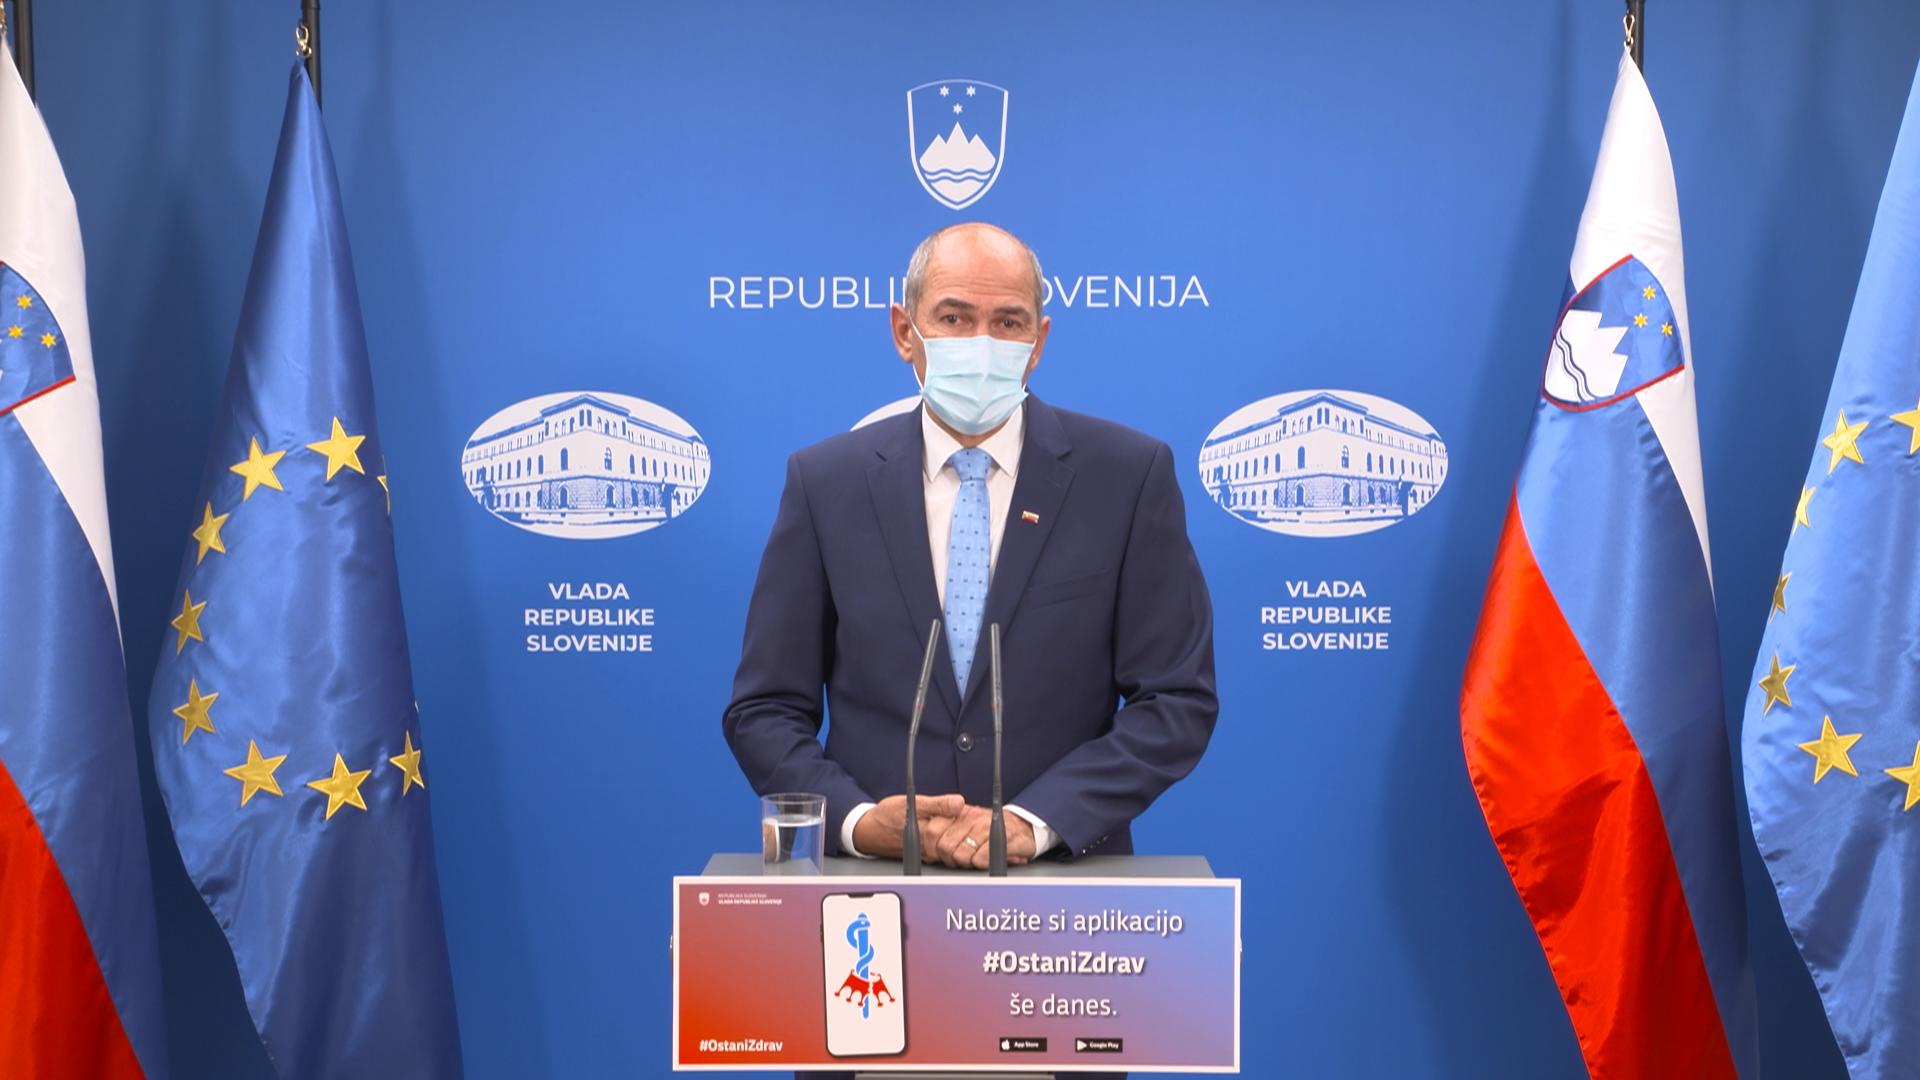 SNAV: za varnost Slovenije je trebe upoštevati ukrepe in aktivirati 37. a člen